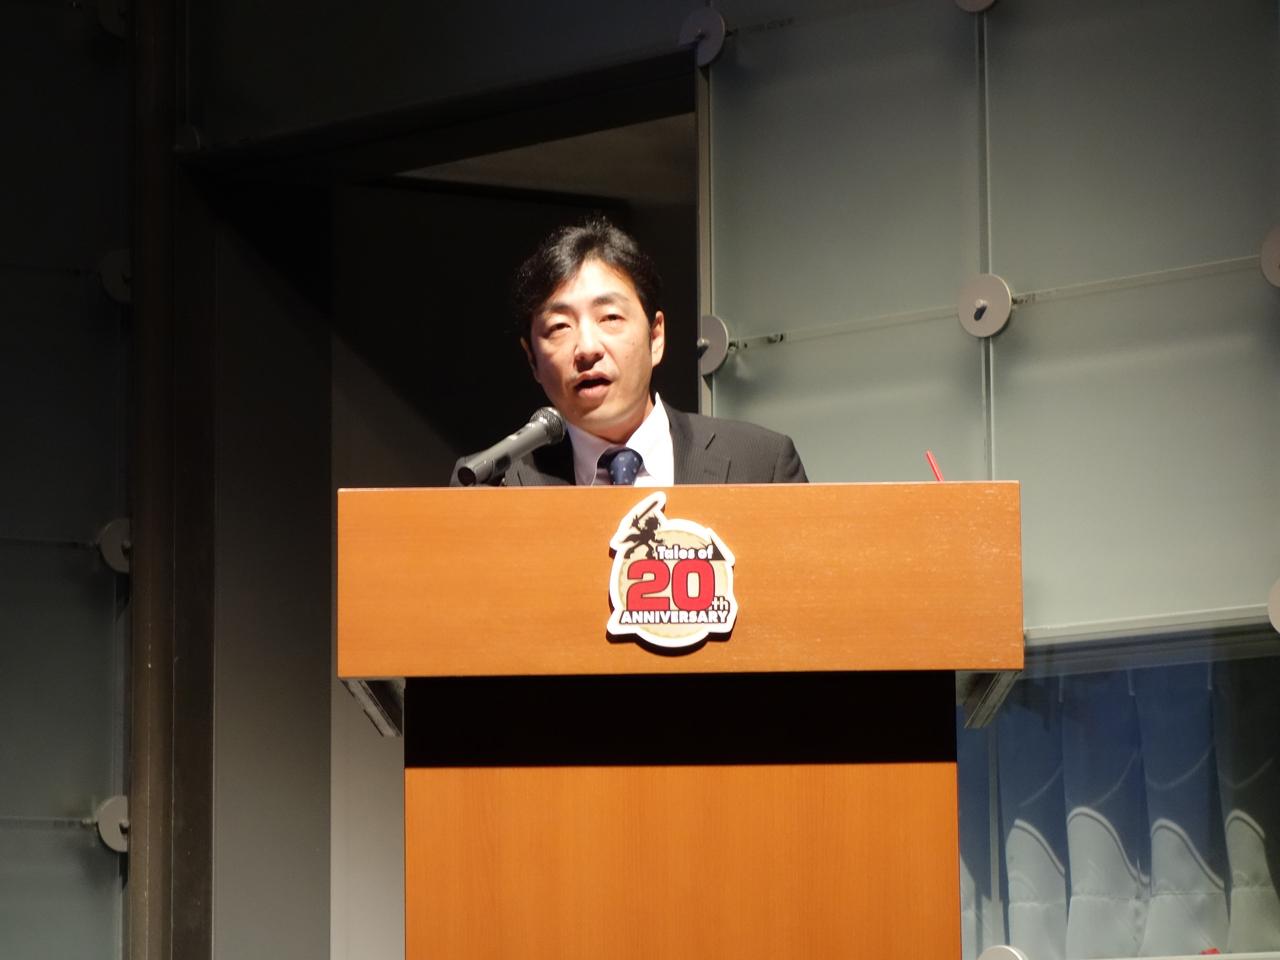 発表を行なったのはバンダイナムコ エンターテインメント「テイルズ オブ」シリーズIP統括担当の田中快氏。宣伝キャラクター・ビバ☆くんの中の人でもある